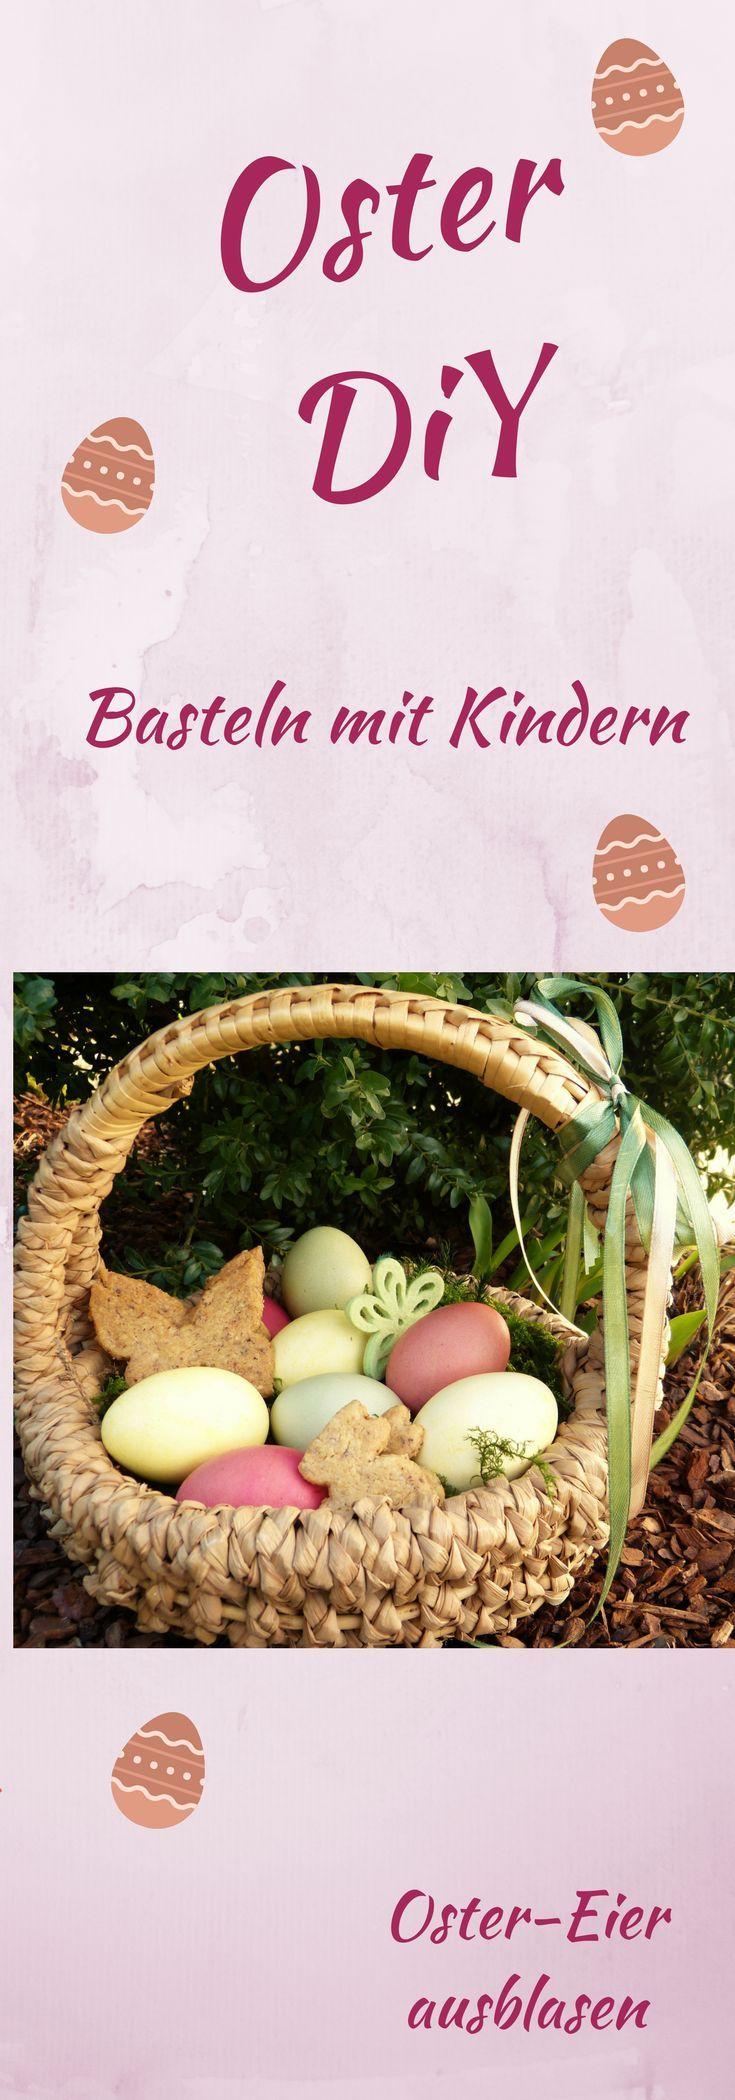 Ostereier färben, wir machen es bunt! Basteln mit Kind. Diy, Ostern, Eier ausblasen. #mama #familie #ostern